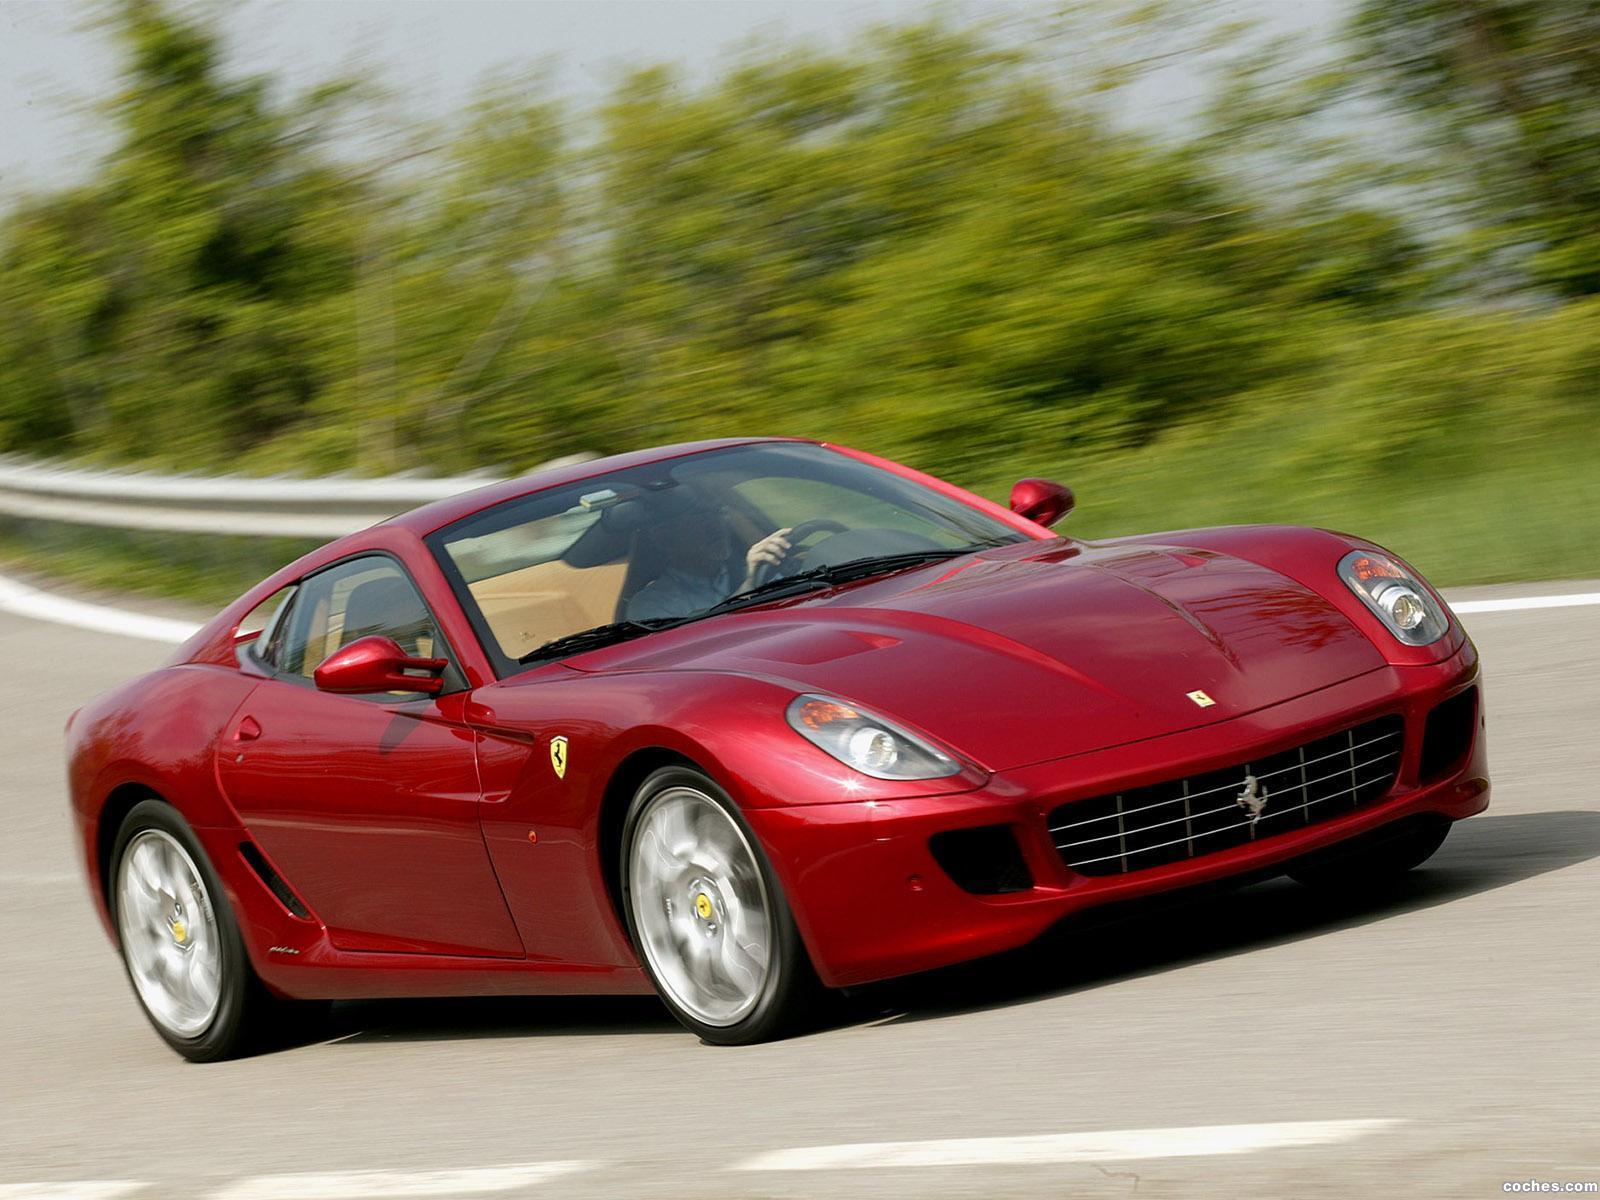 2006 ferrari 599 gtb - photo #25